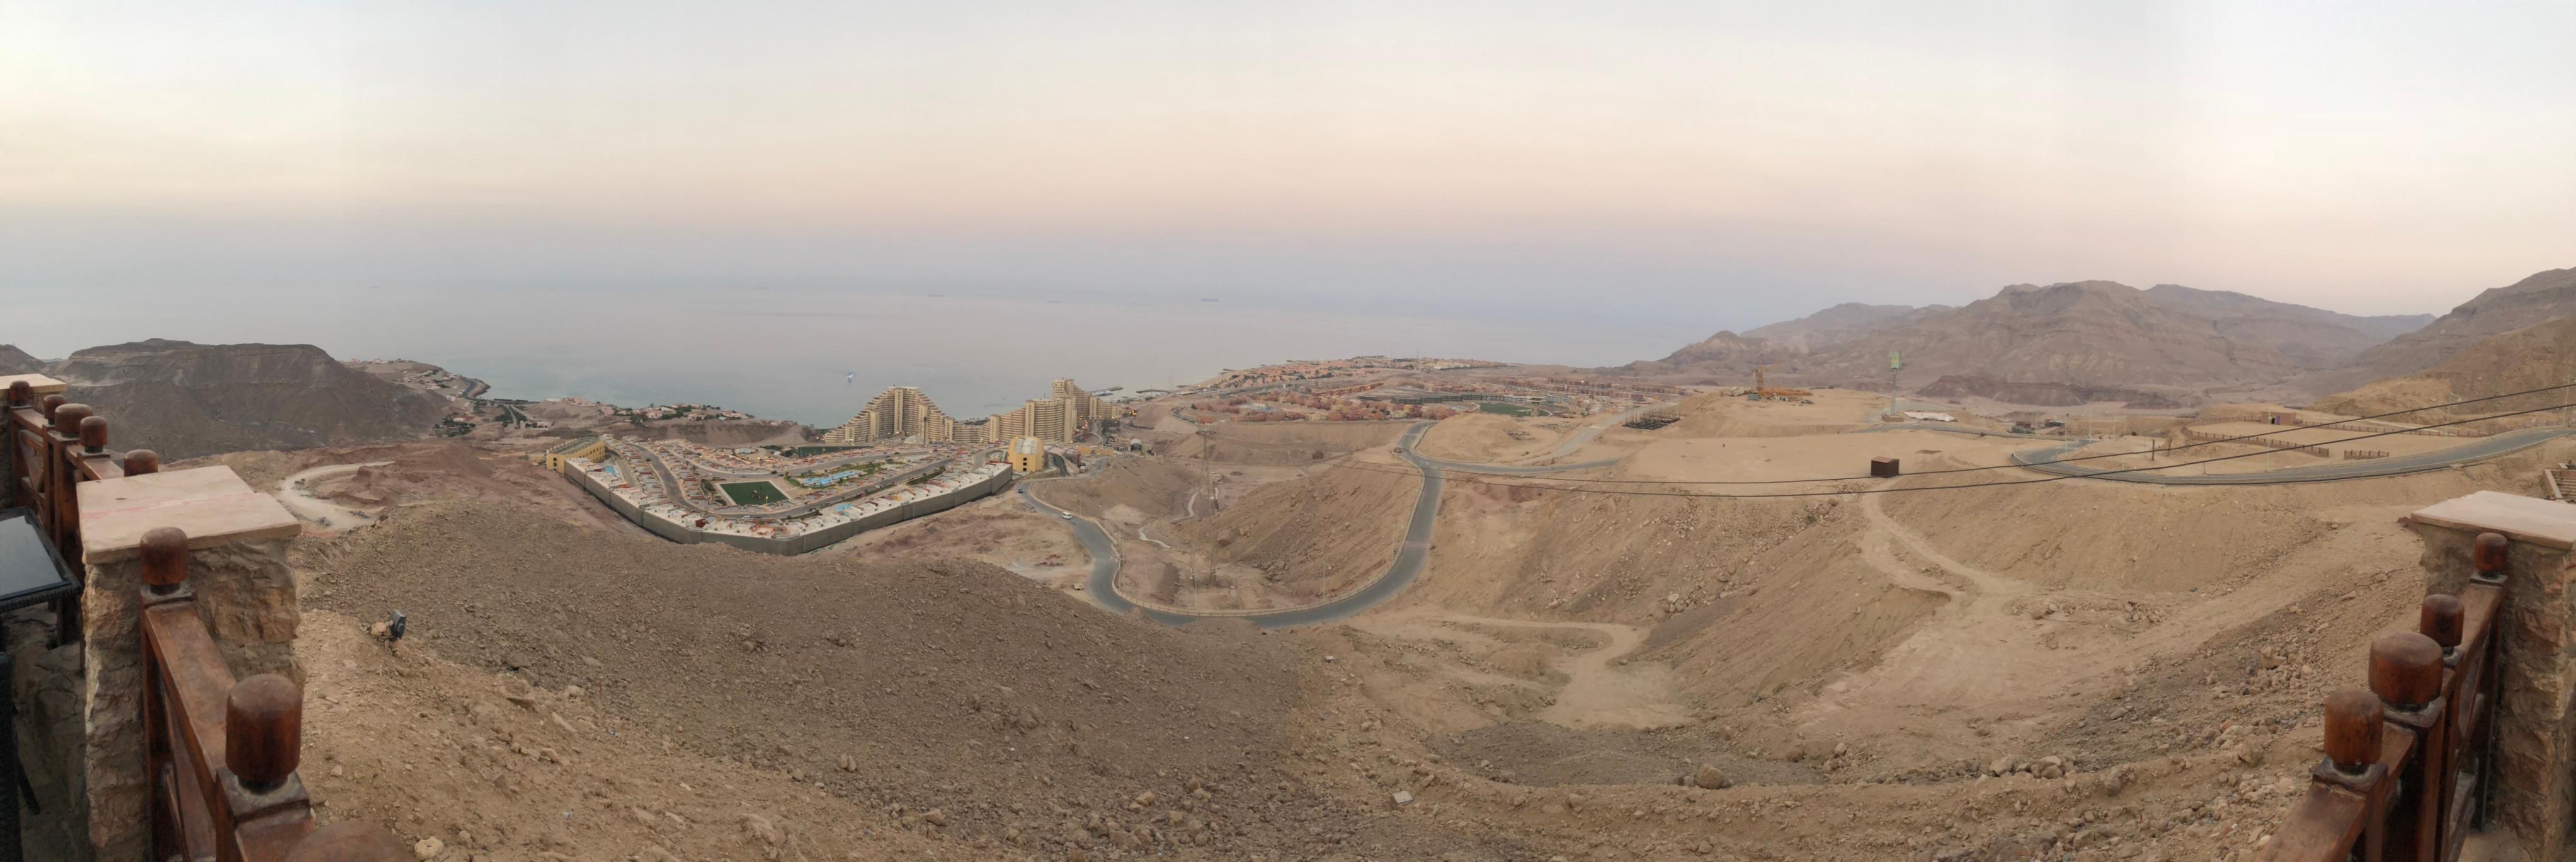 El Jabal Sokhna Hotel Hotel Reviews Expedia